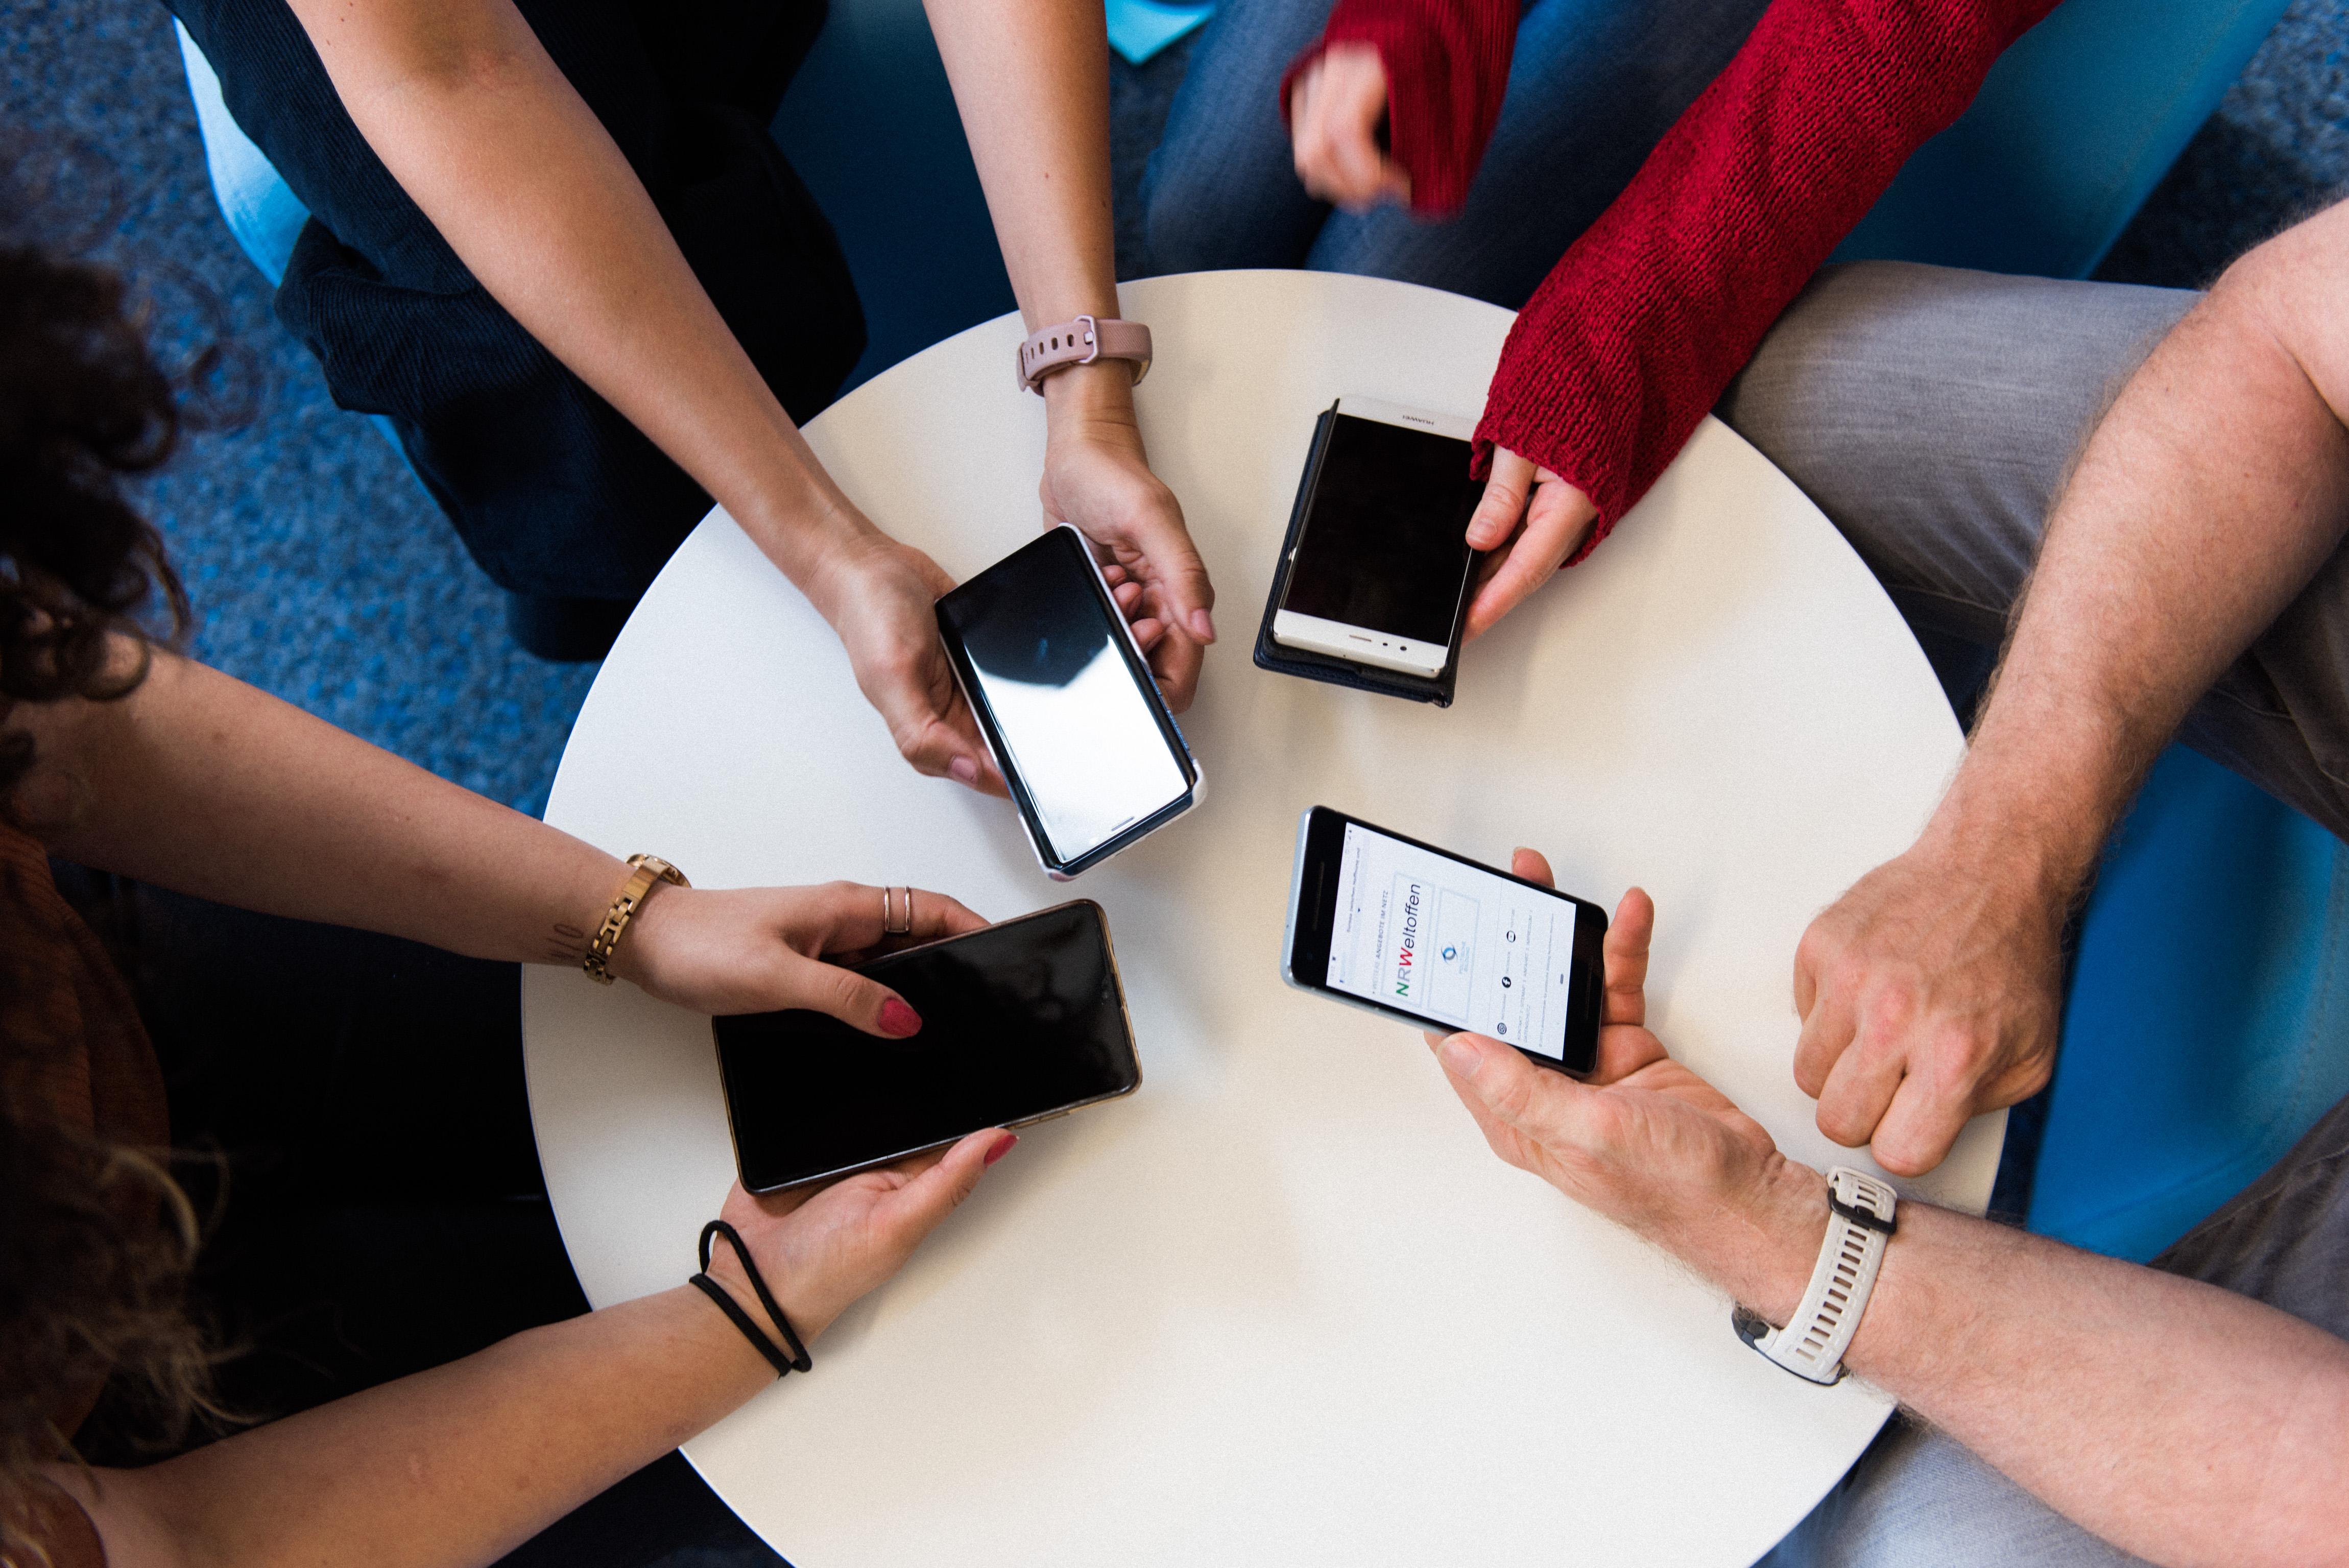 Das Bild zeigt einen Tisch von oben sowie vier Armpaare mit vier Smartphones.